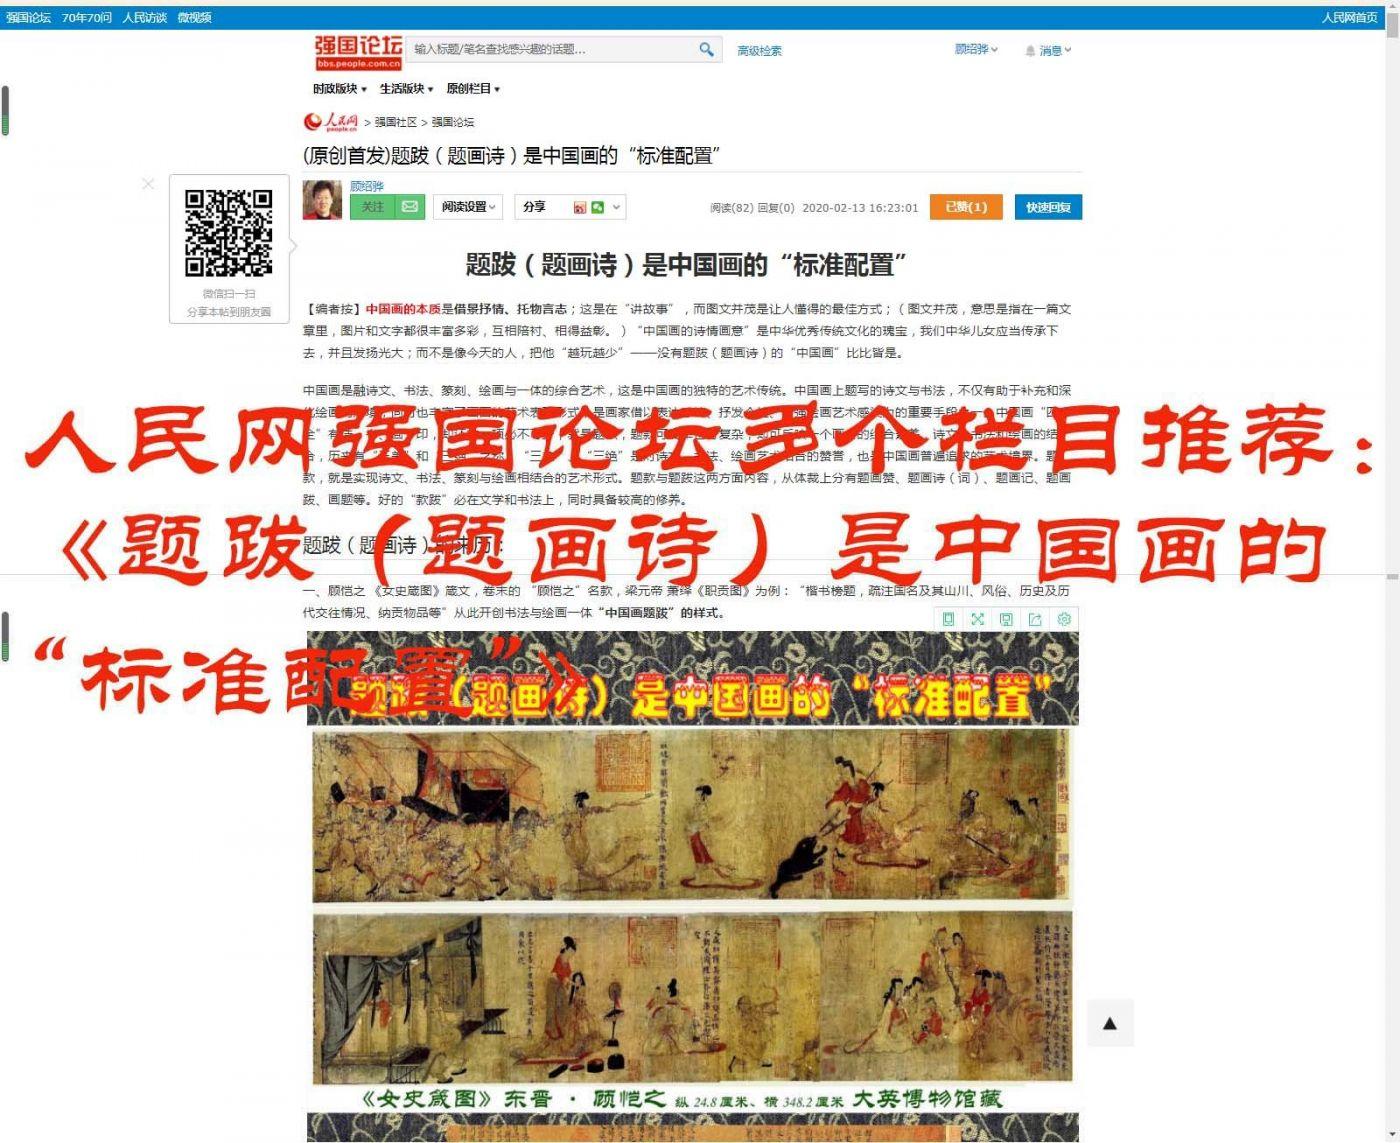 """题跋(题画诗)是中国画的""""标准配置""""_图1-1"""